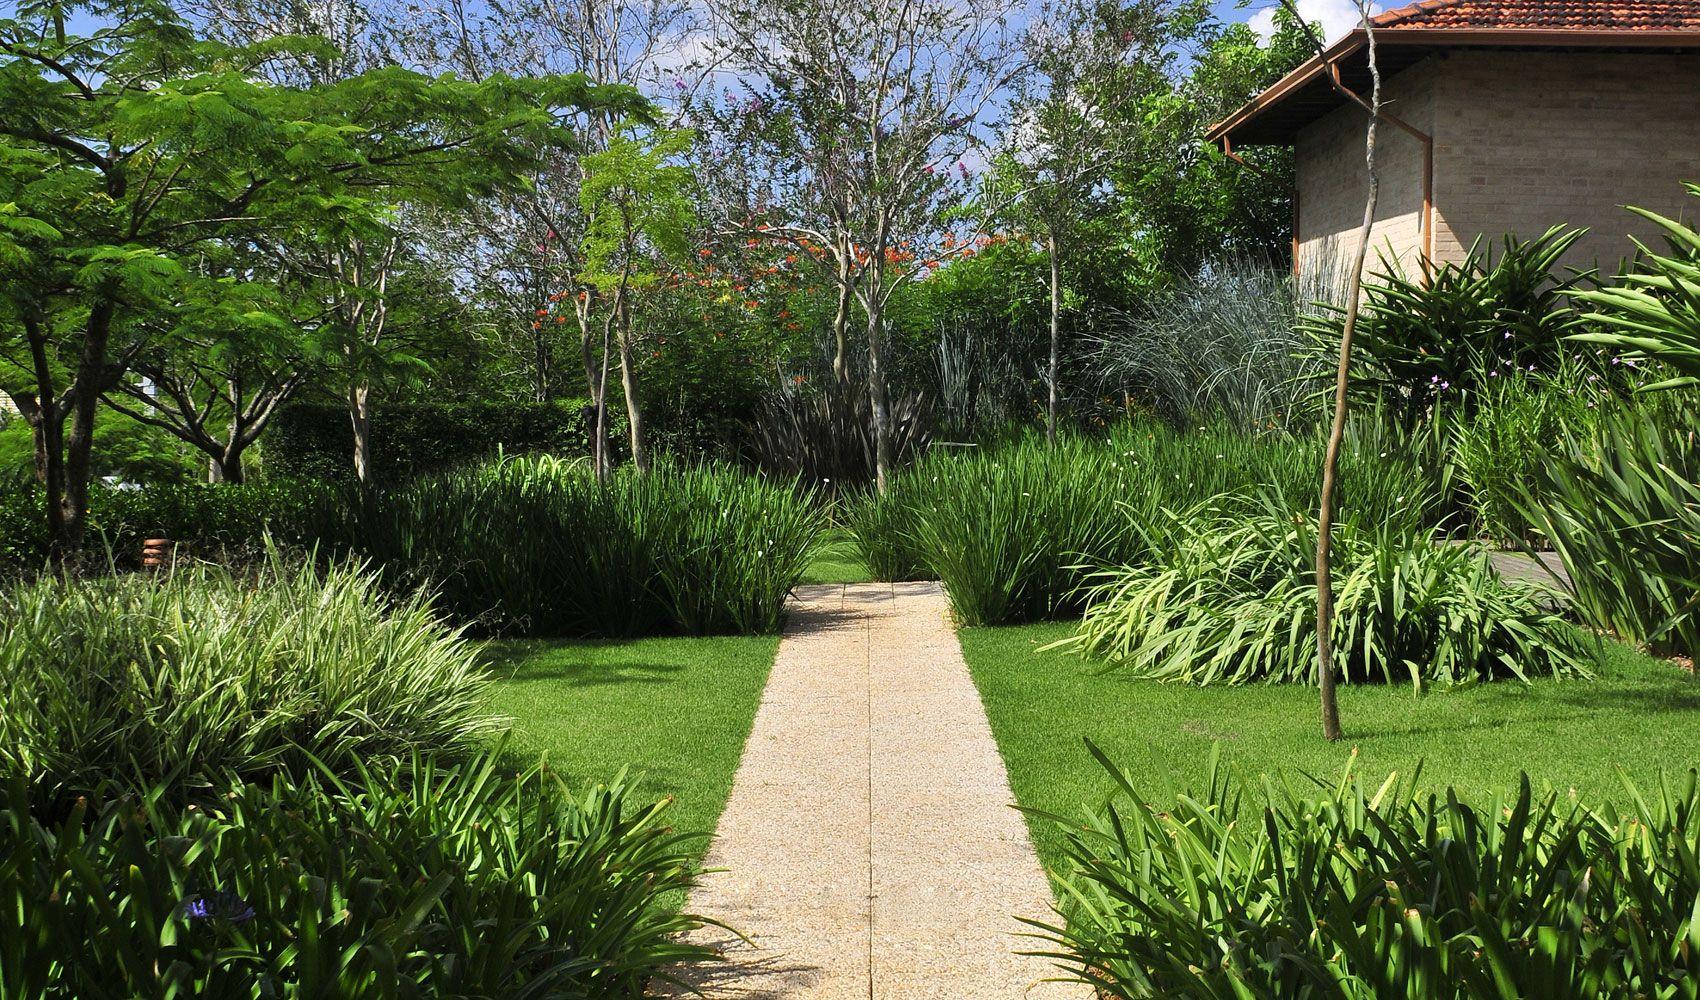 Dise o de exteriores jardines modernos y tropicales for Diseno de jardin moderno